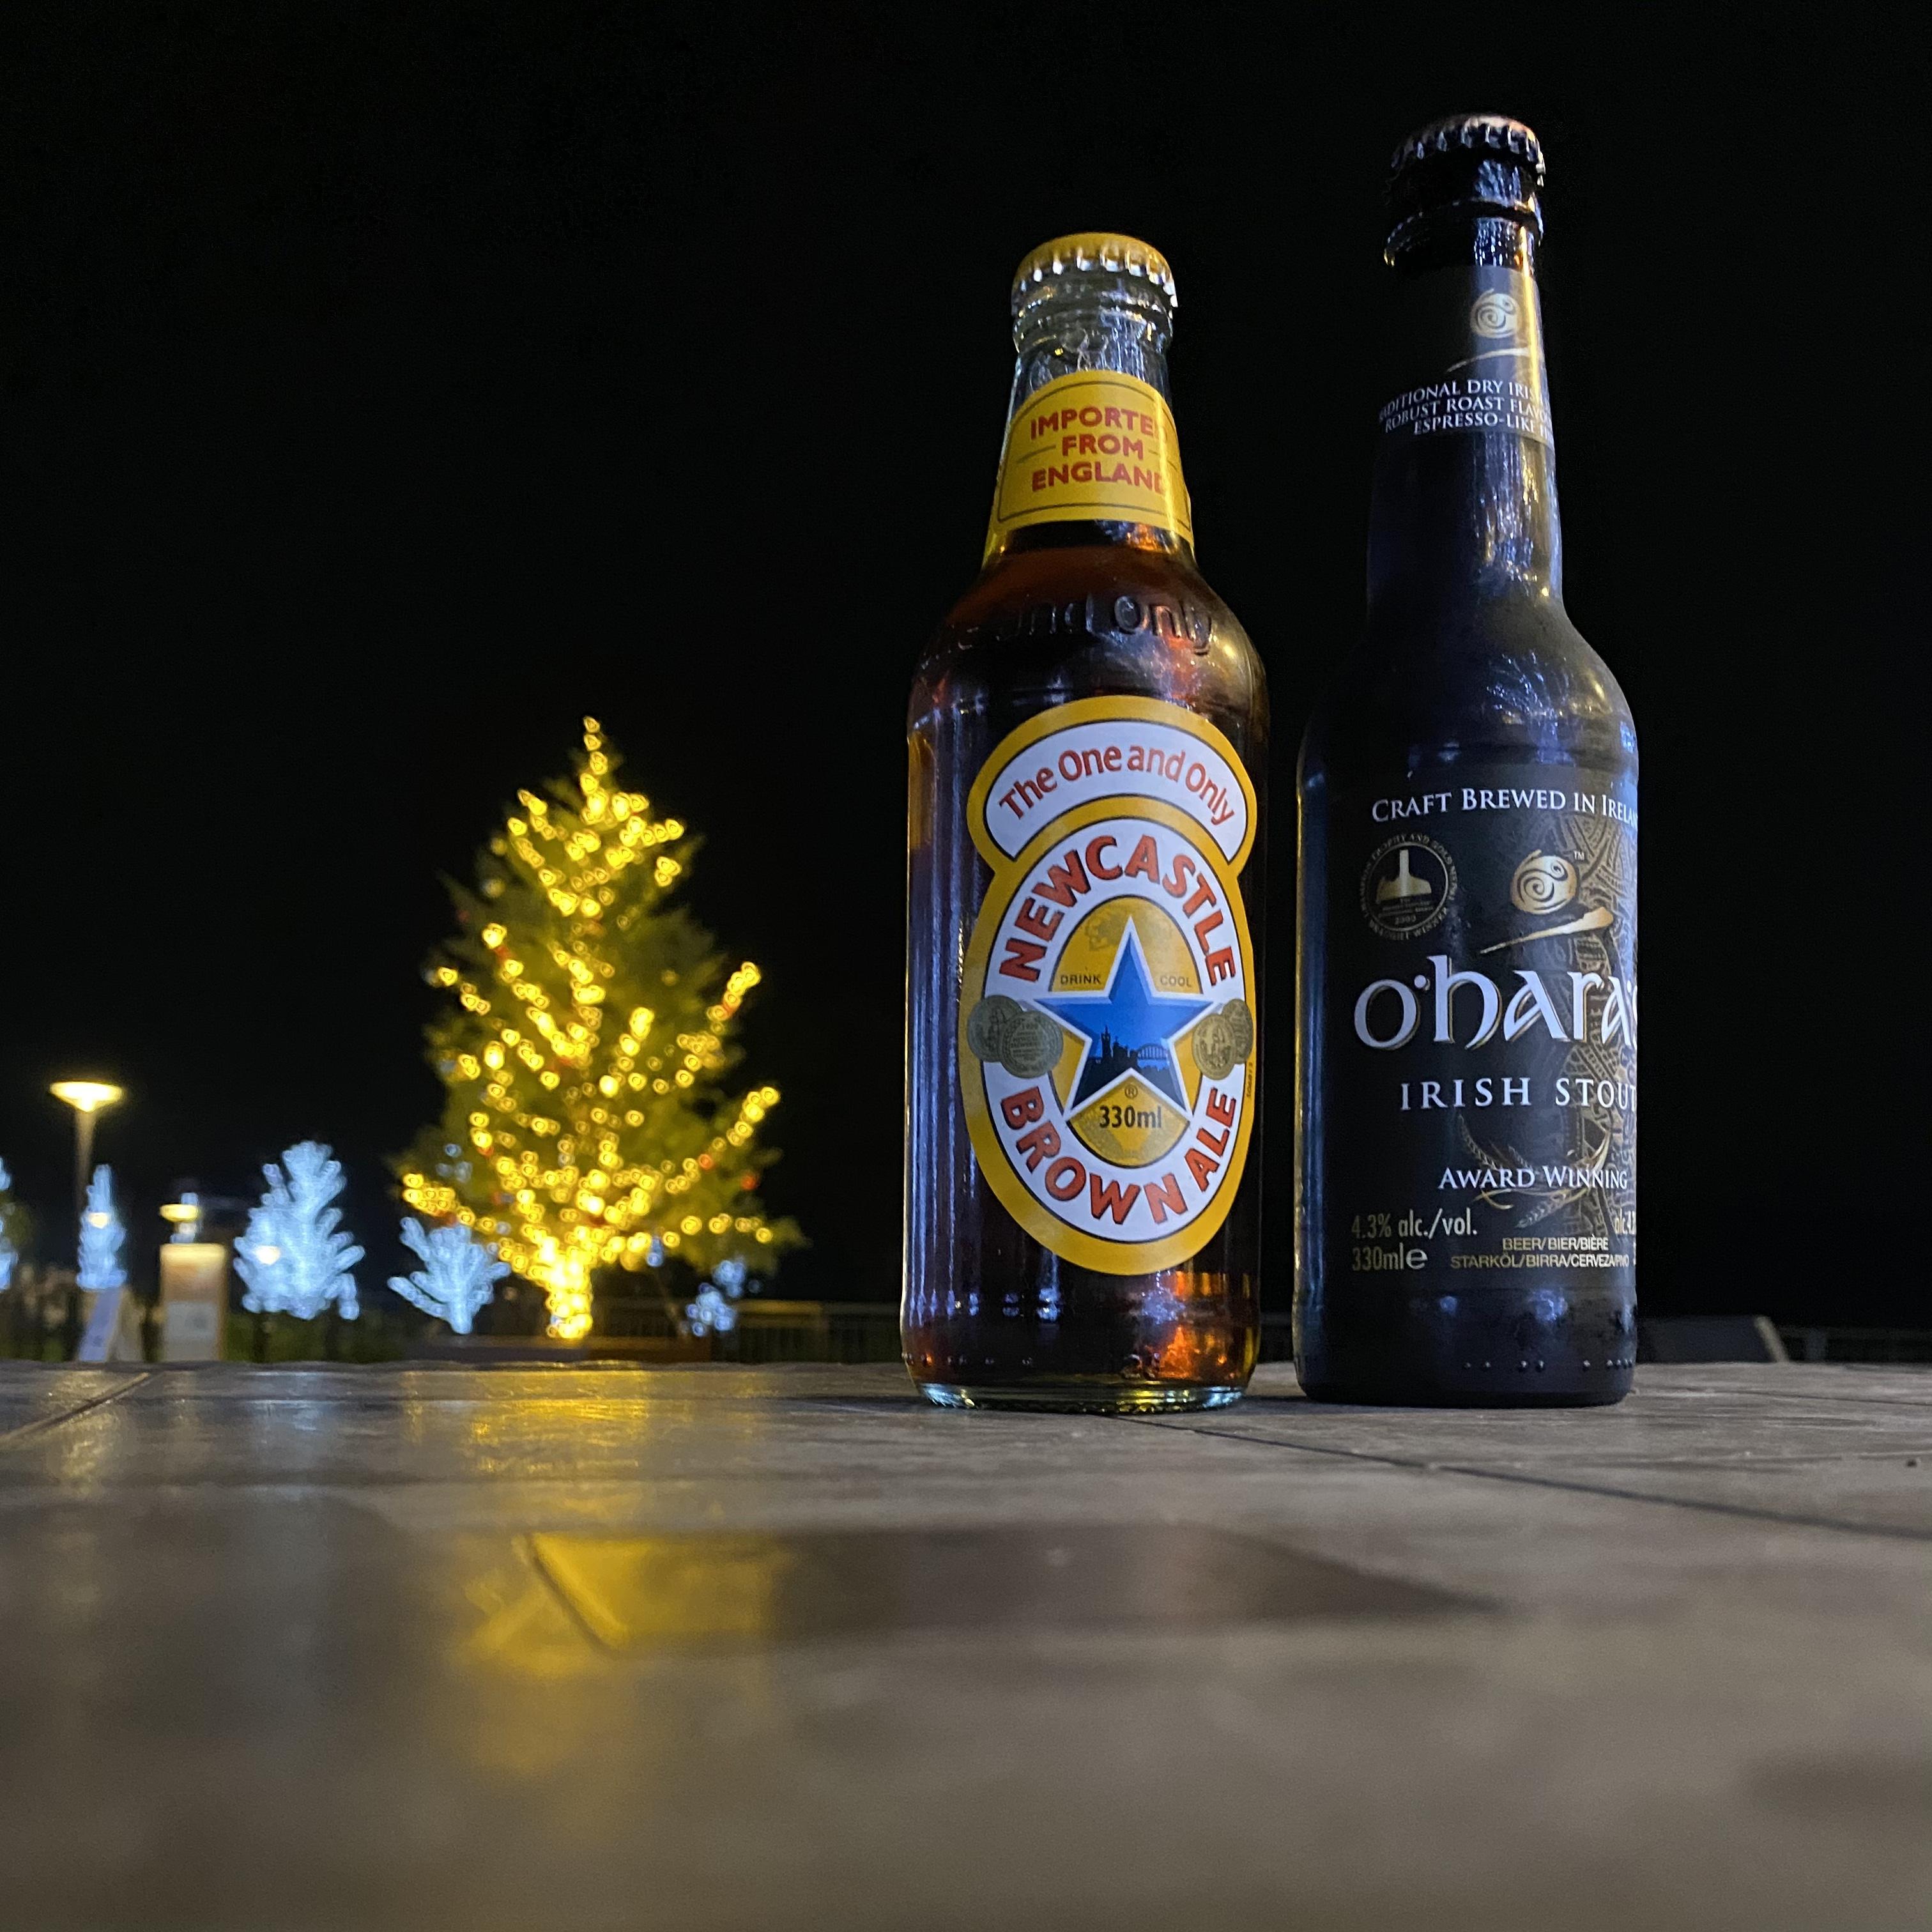 イギリス・アイルランドビールが新入荷です✨